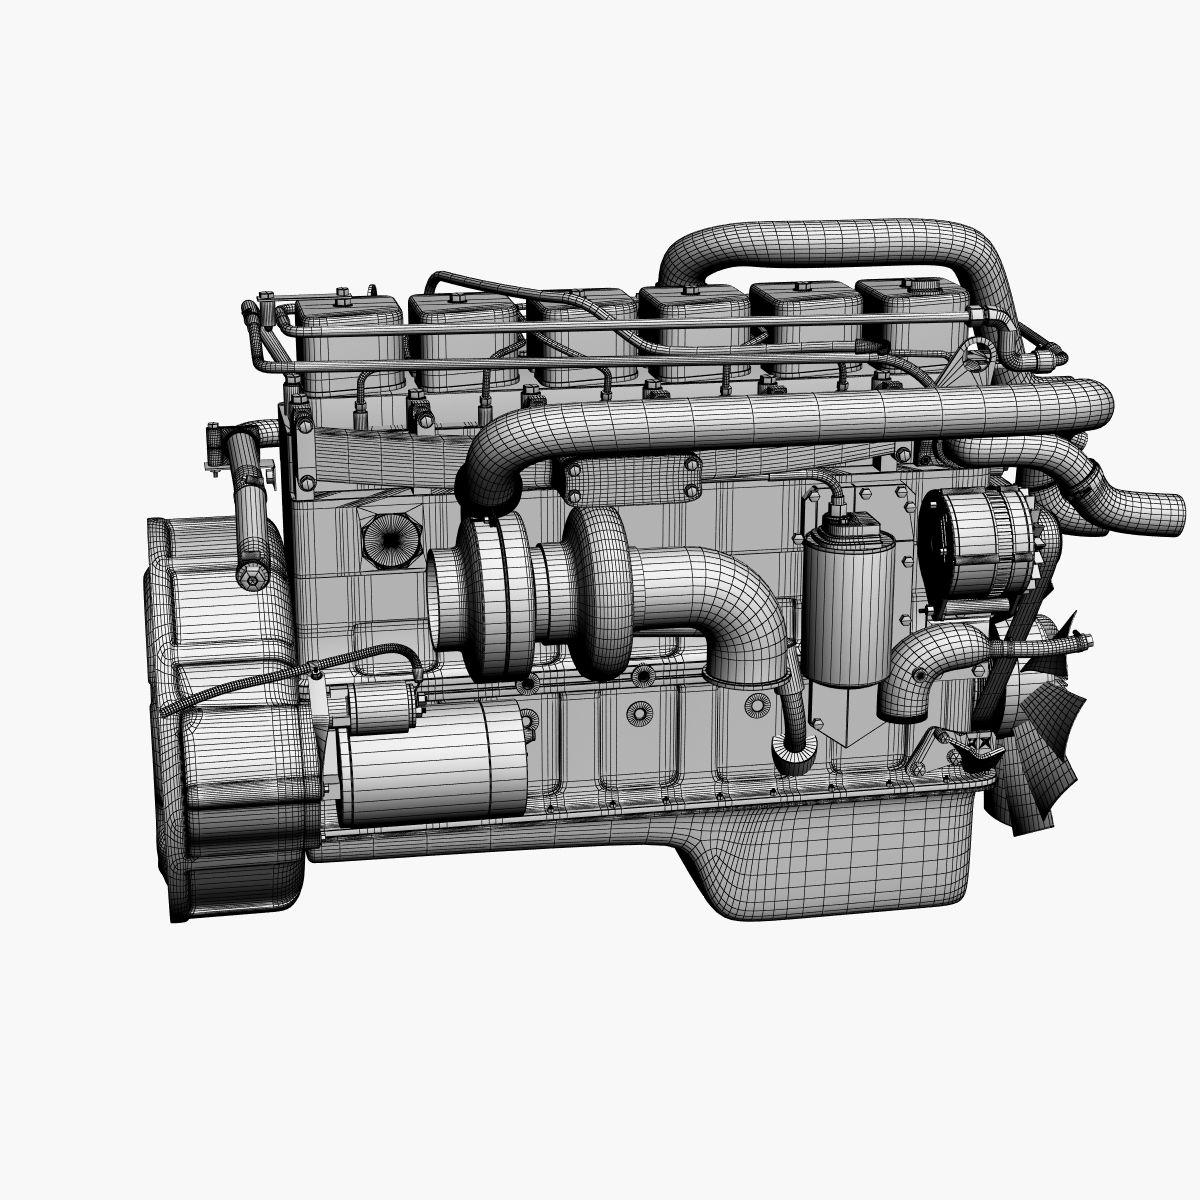 Engine Cummins 6bt Cummins Engineering